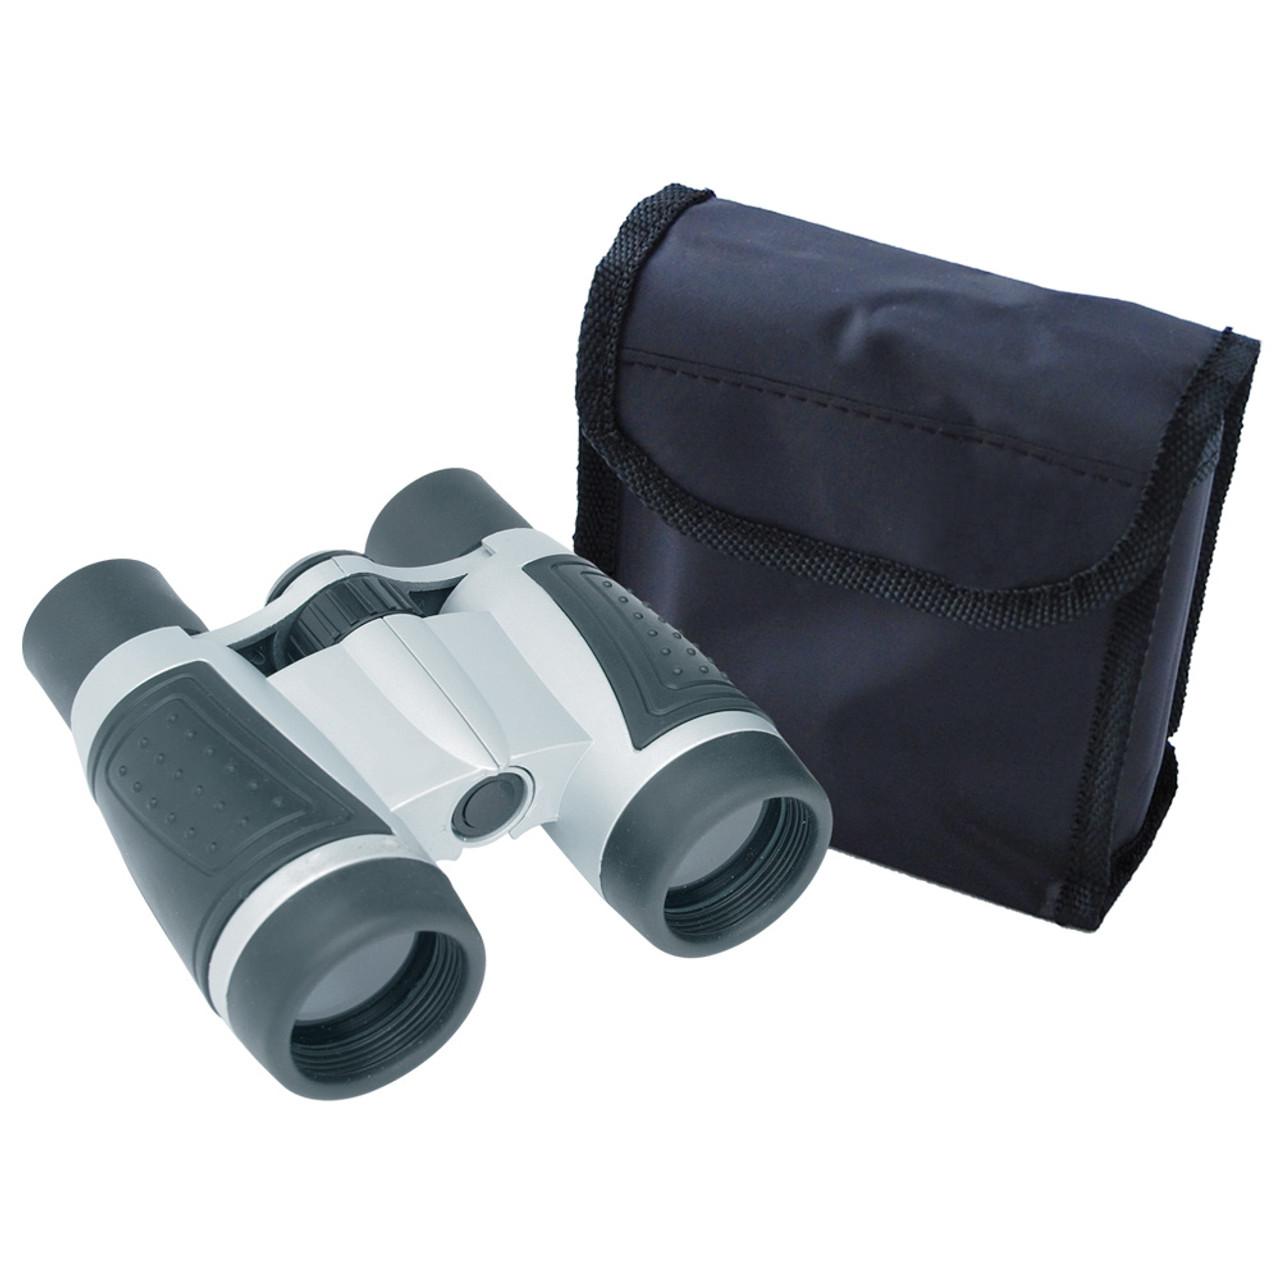 5 X 30 Binoculars